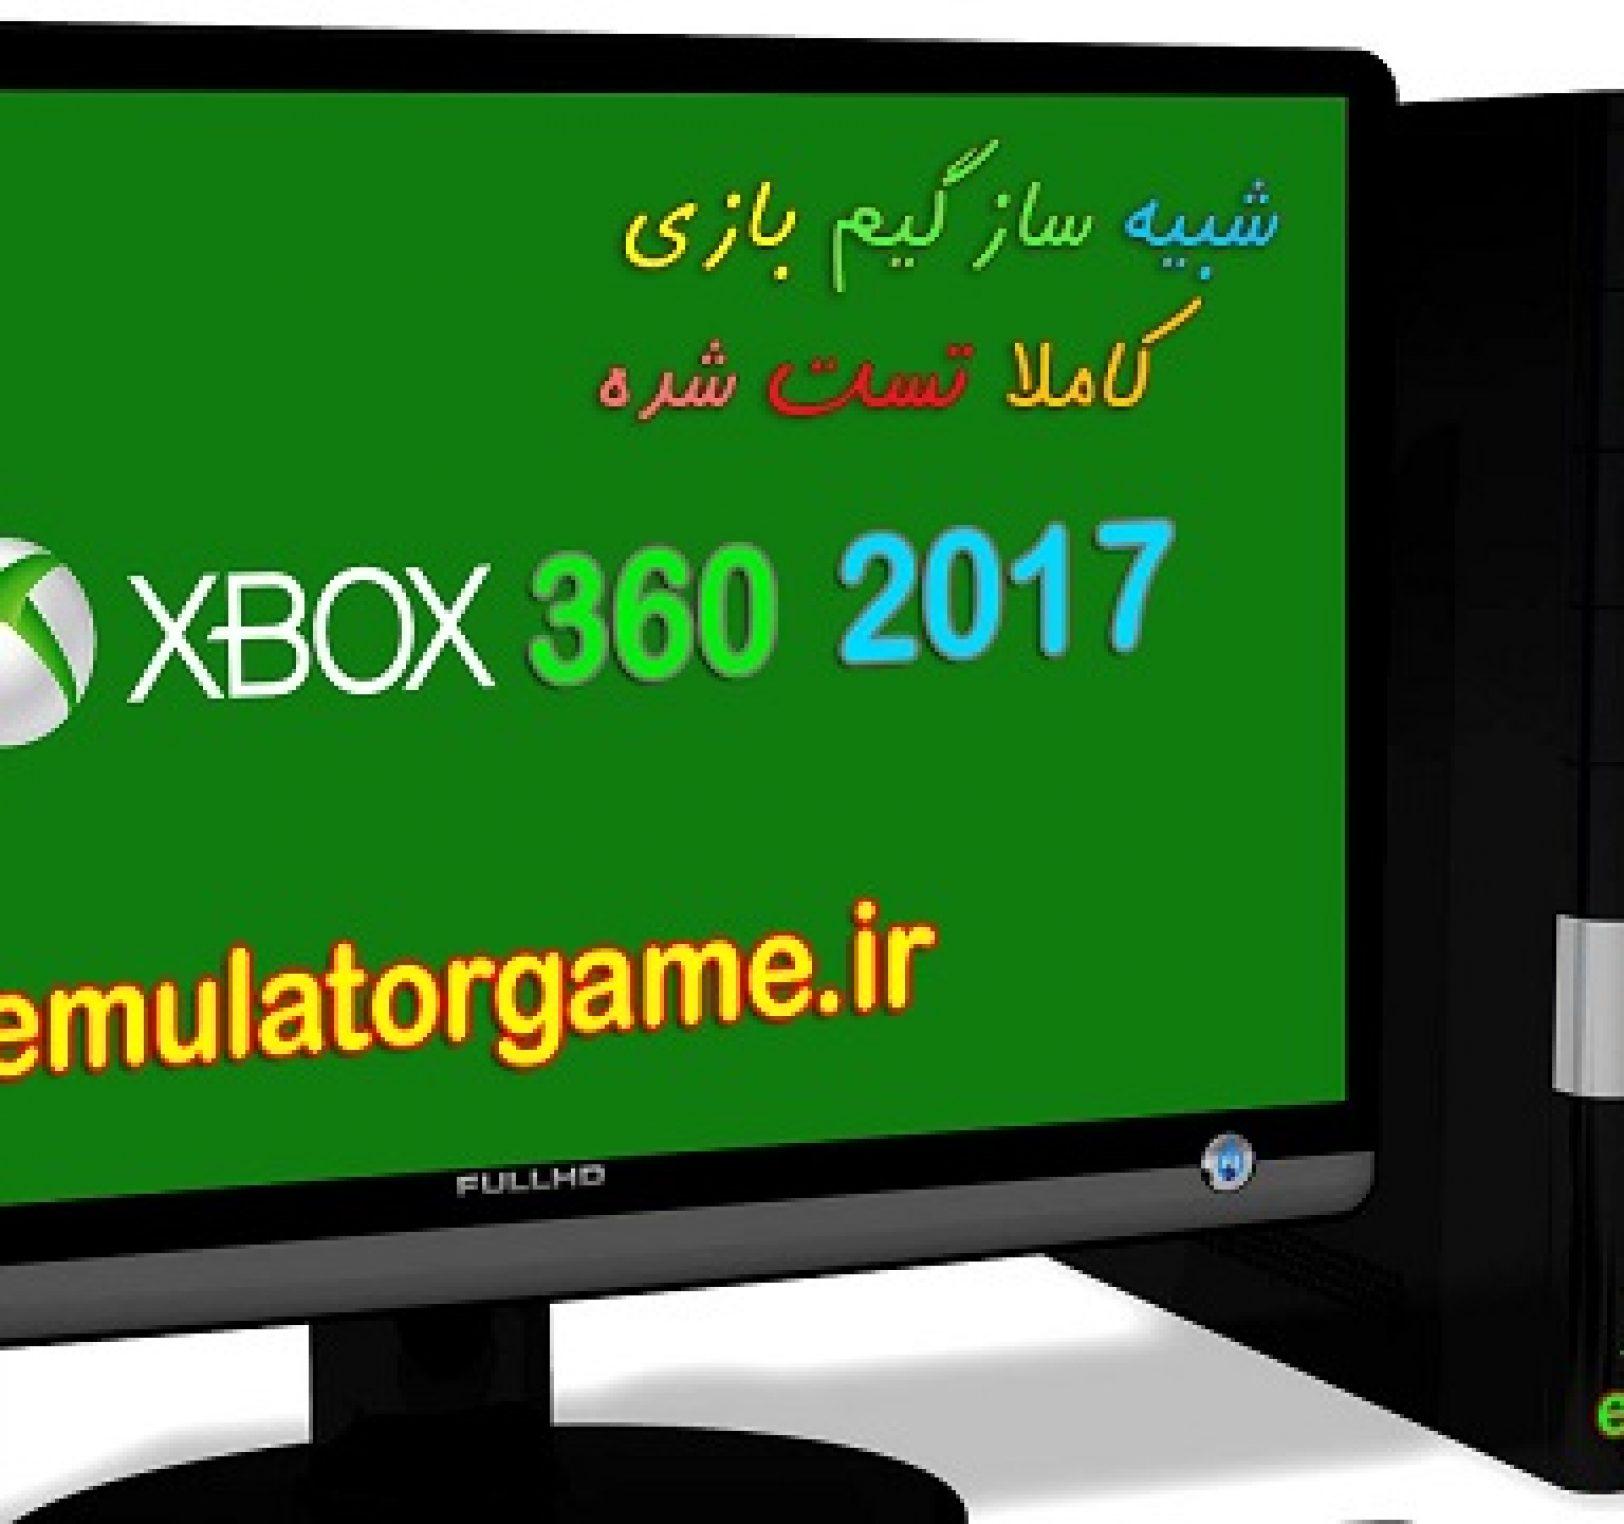 دانلود شبیه ساز Emulator xbox360 کامپیوتر 2017 [جدید]